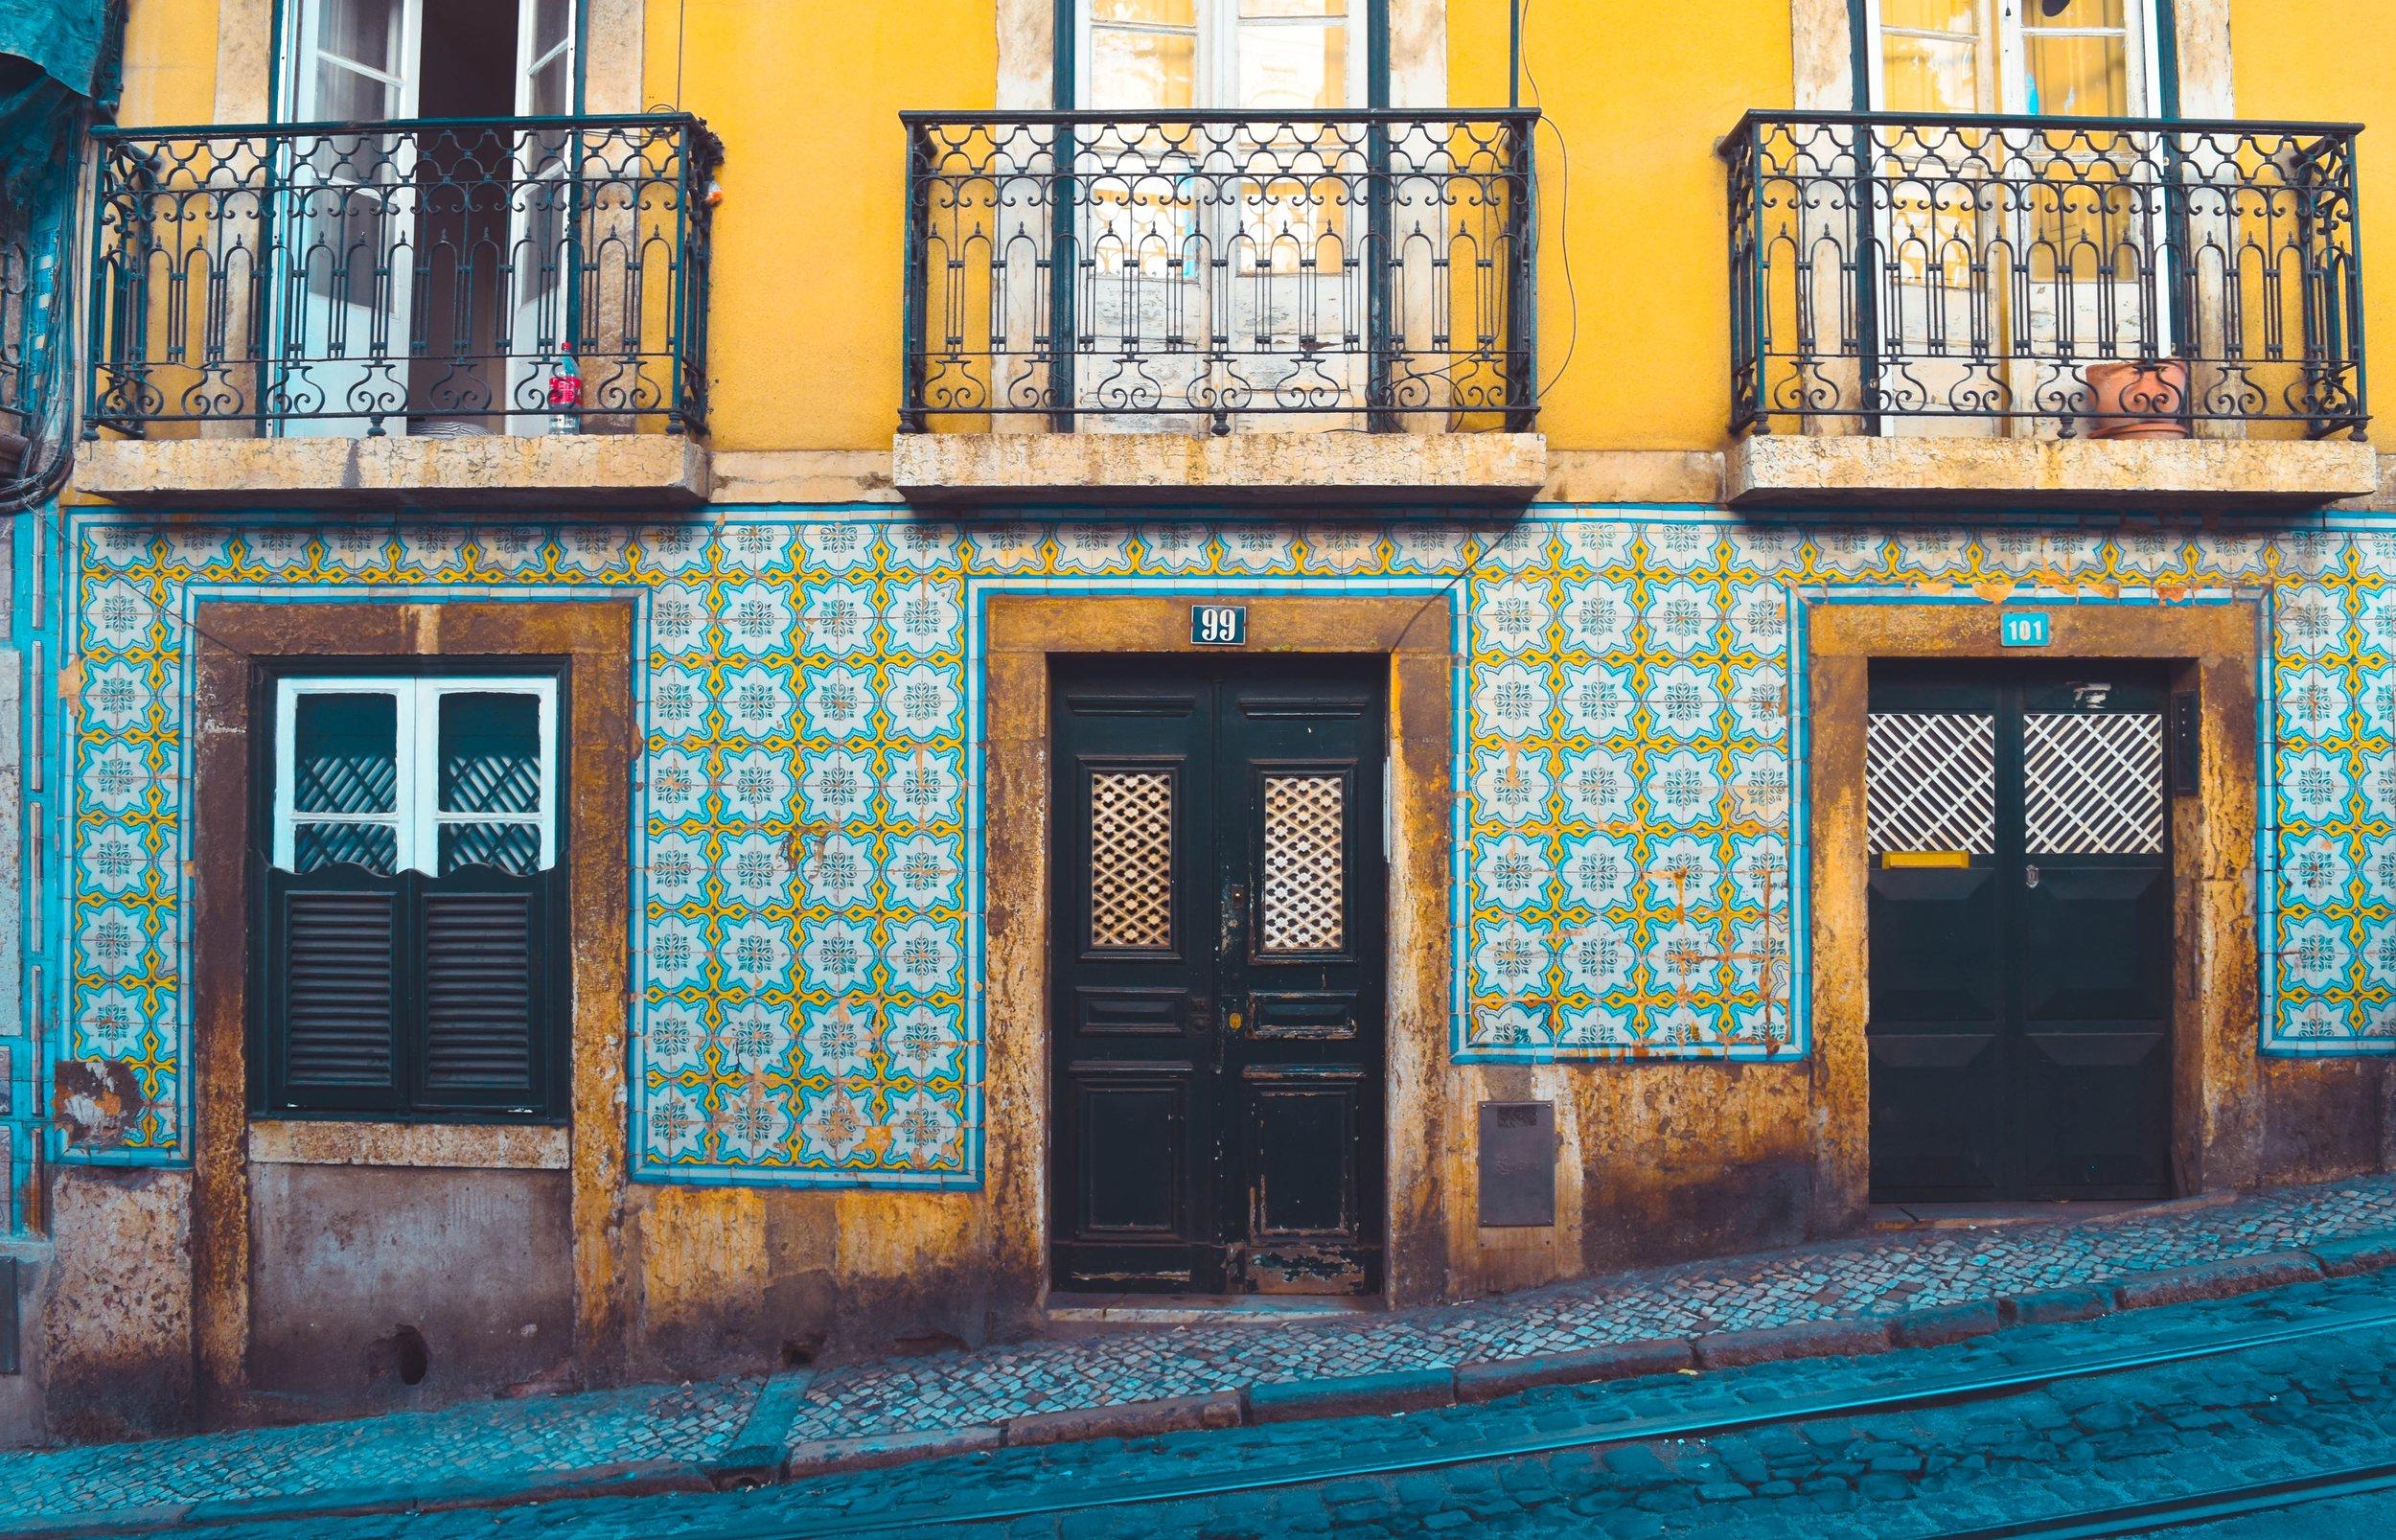 Lisbon, Portugal by Diego Garcia via Unsplash